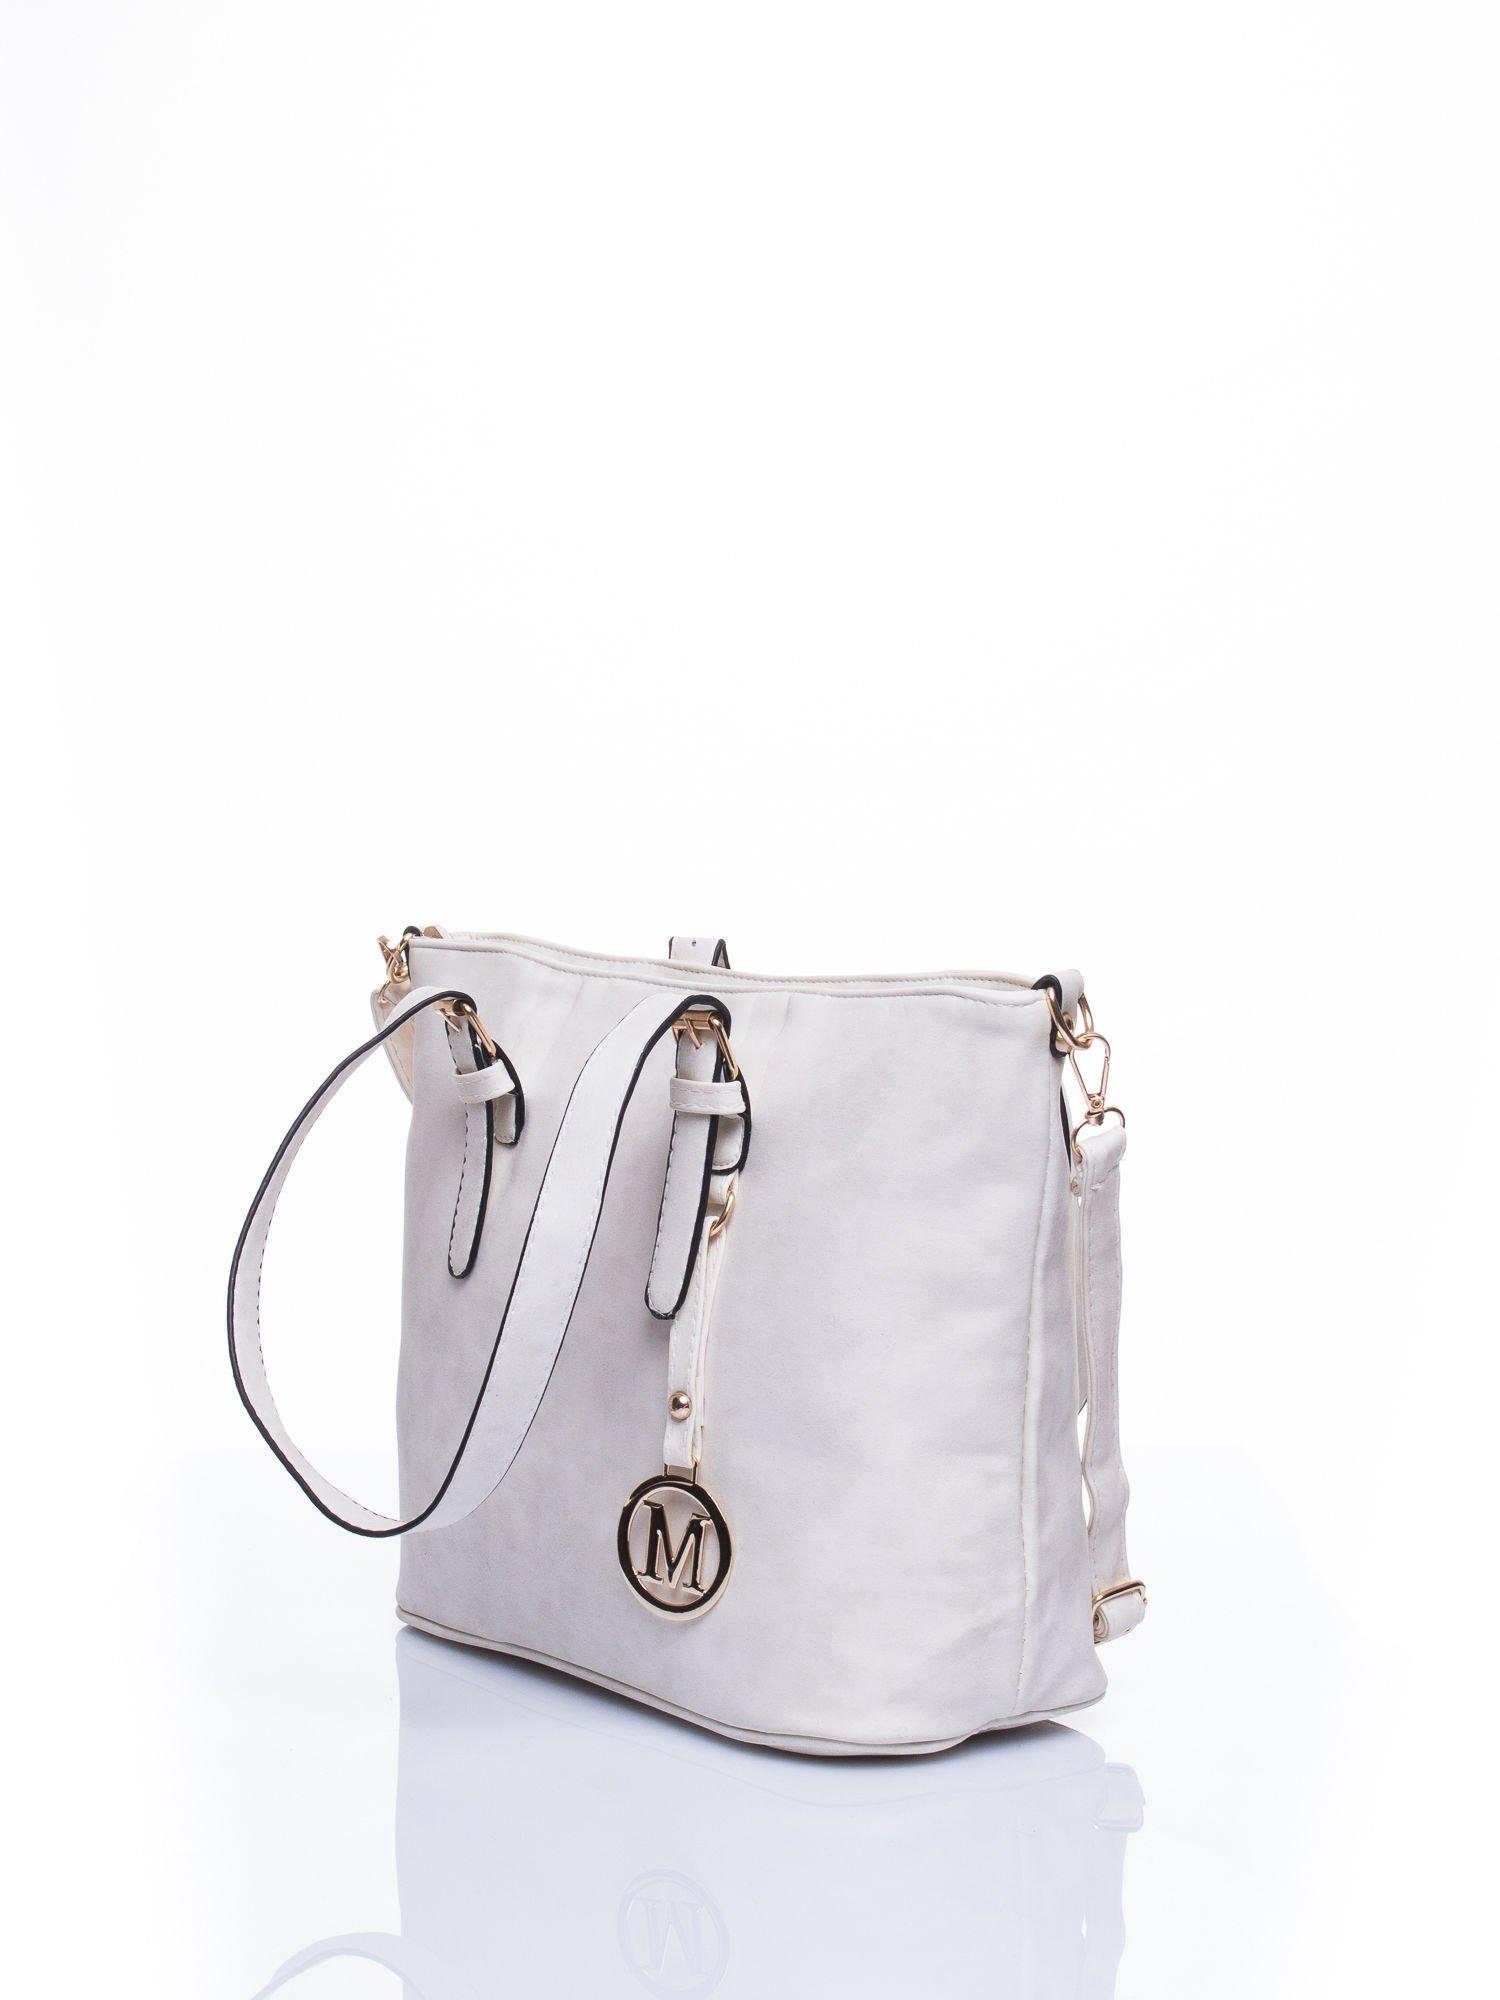 Ecru torba shopper bag z zawieszką                                  zdj.                                  3